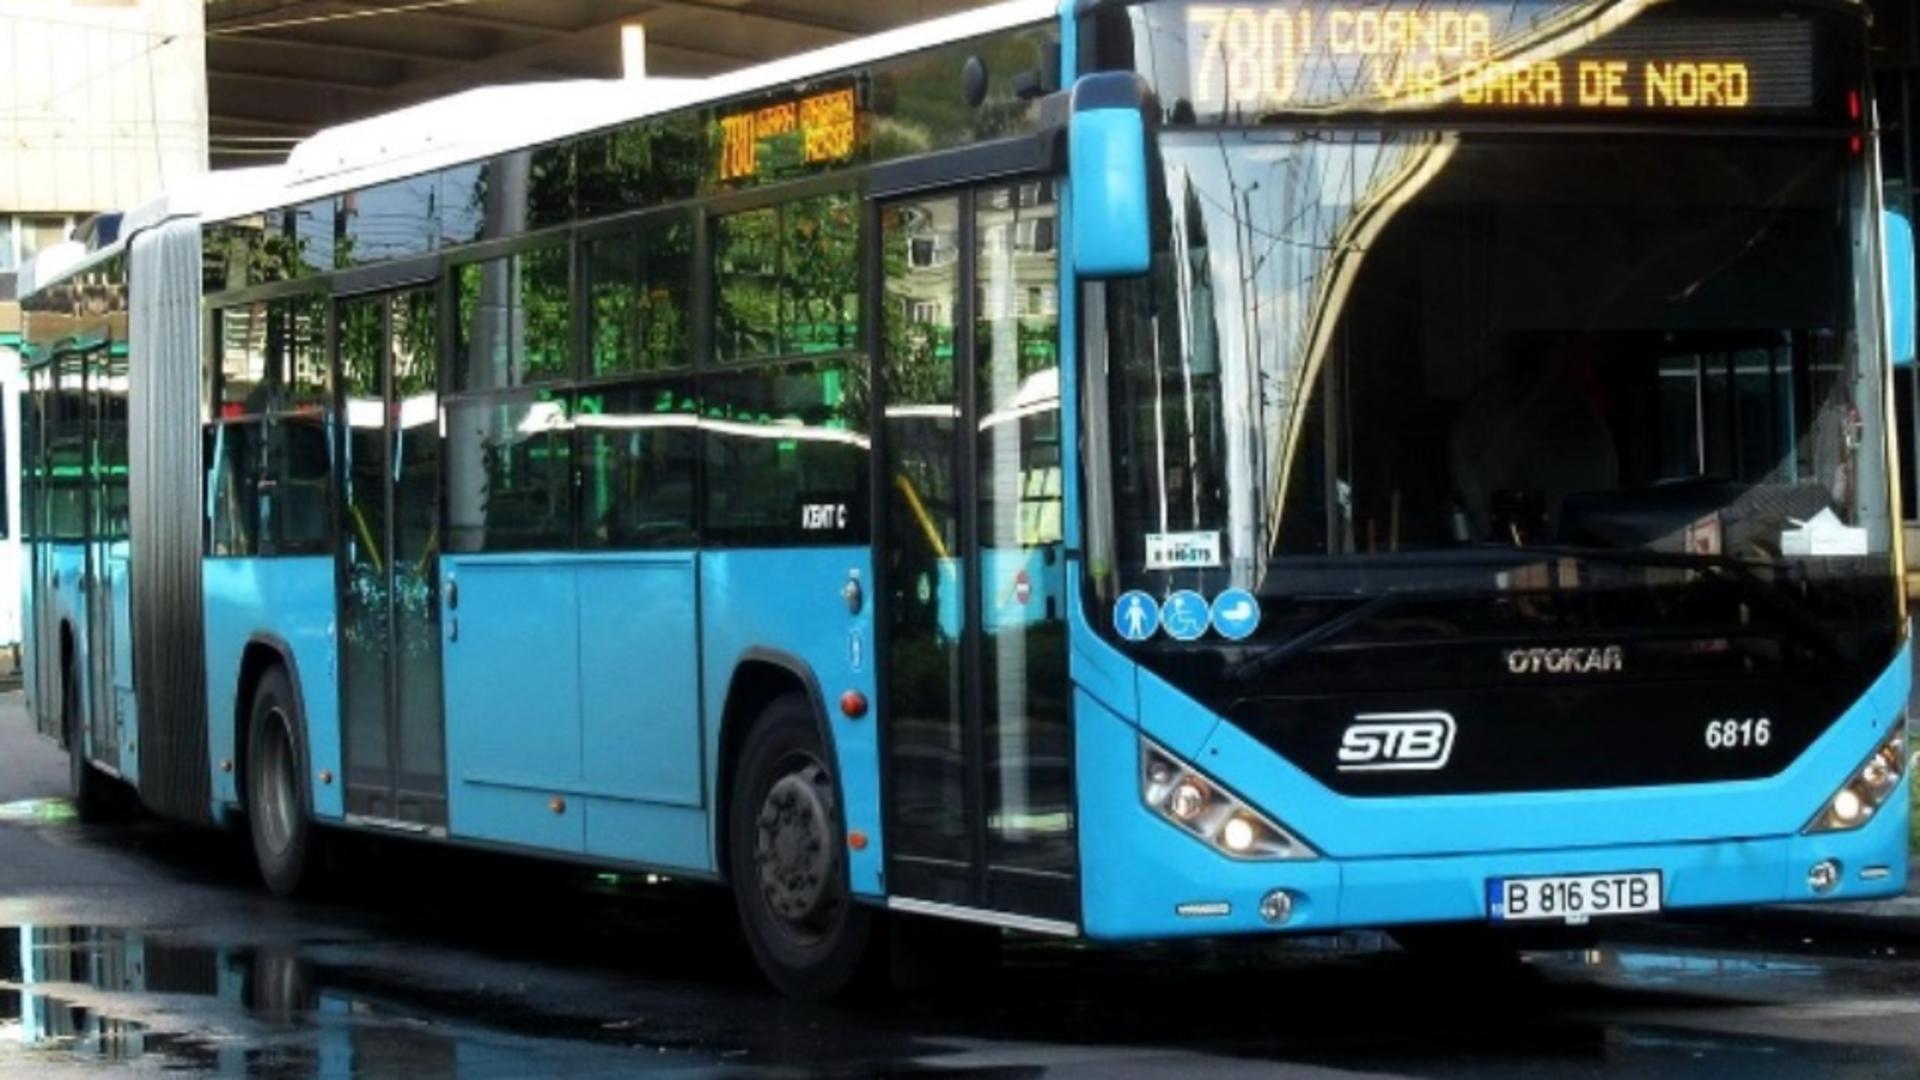 Sursa foto: ratb.stfp.net